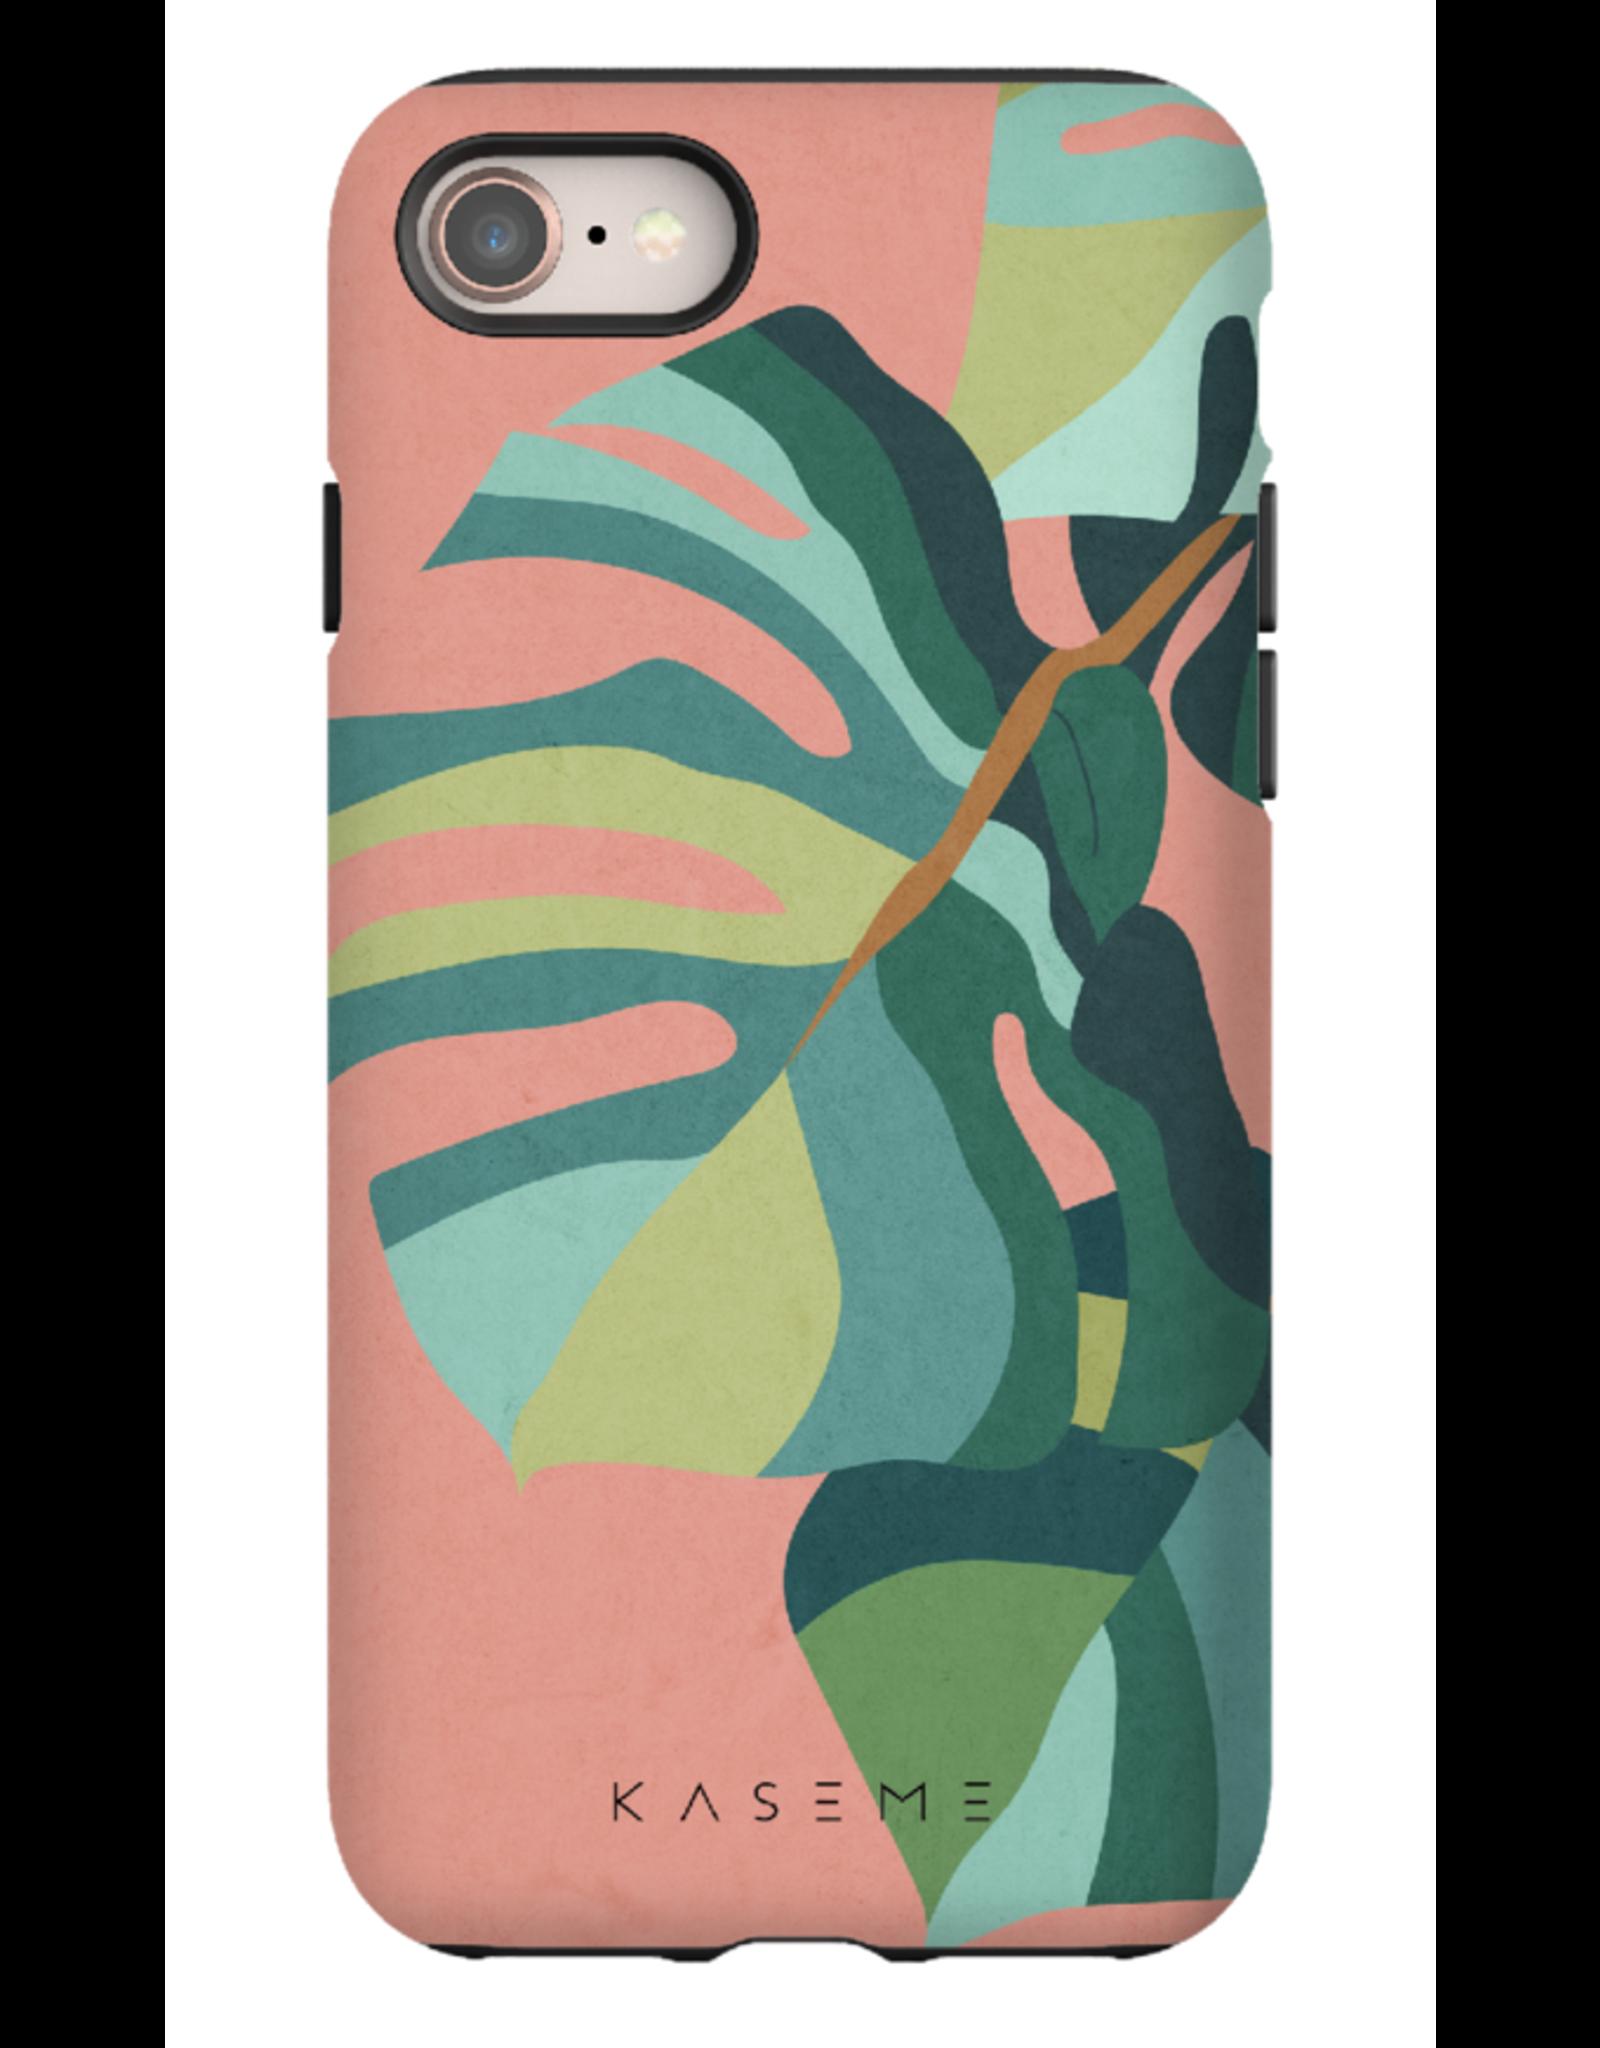 Kaseme Kaseme - étui cellulaire tropicana